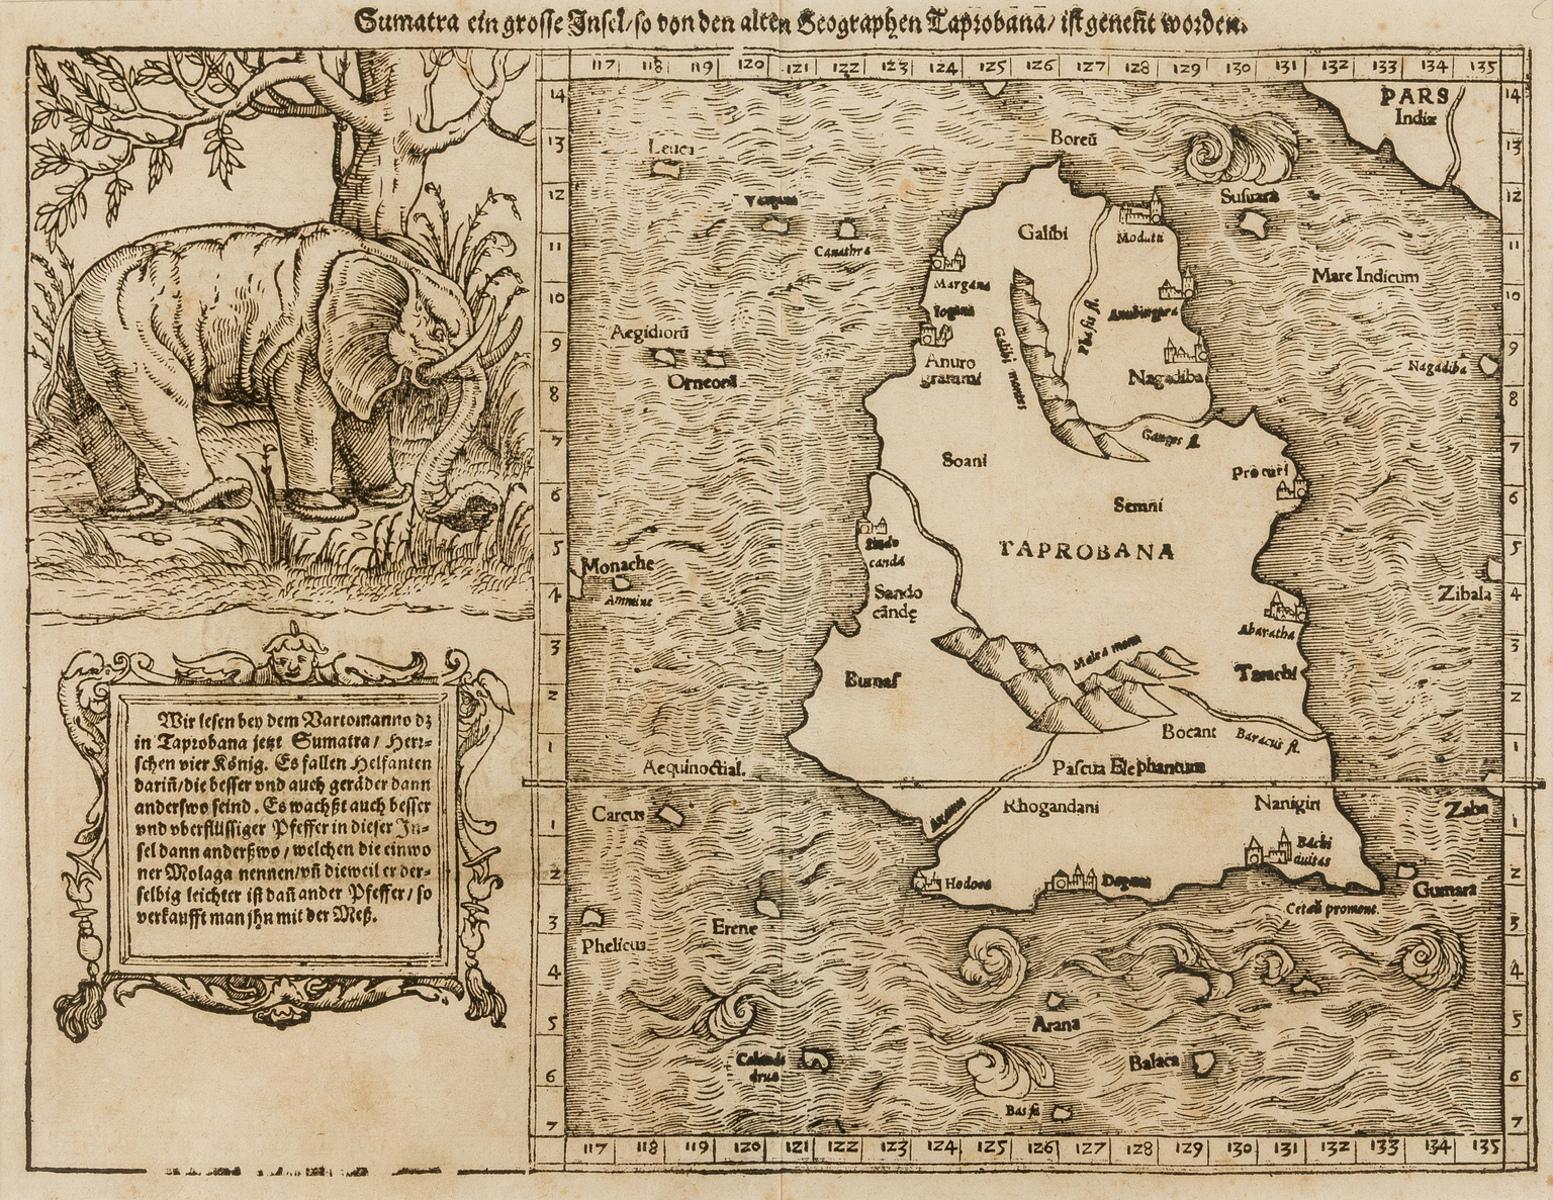 Sri Lanka.- Münster (Sebastian) Sumatra ein grosse insel so von den alten Geographen Taprobana ist …